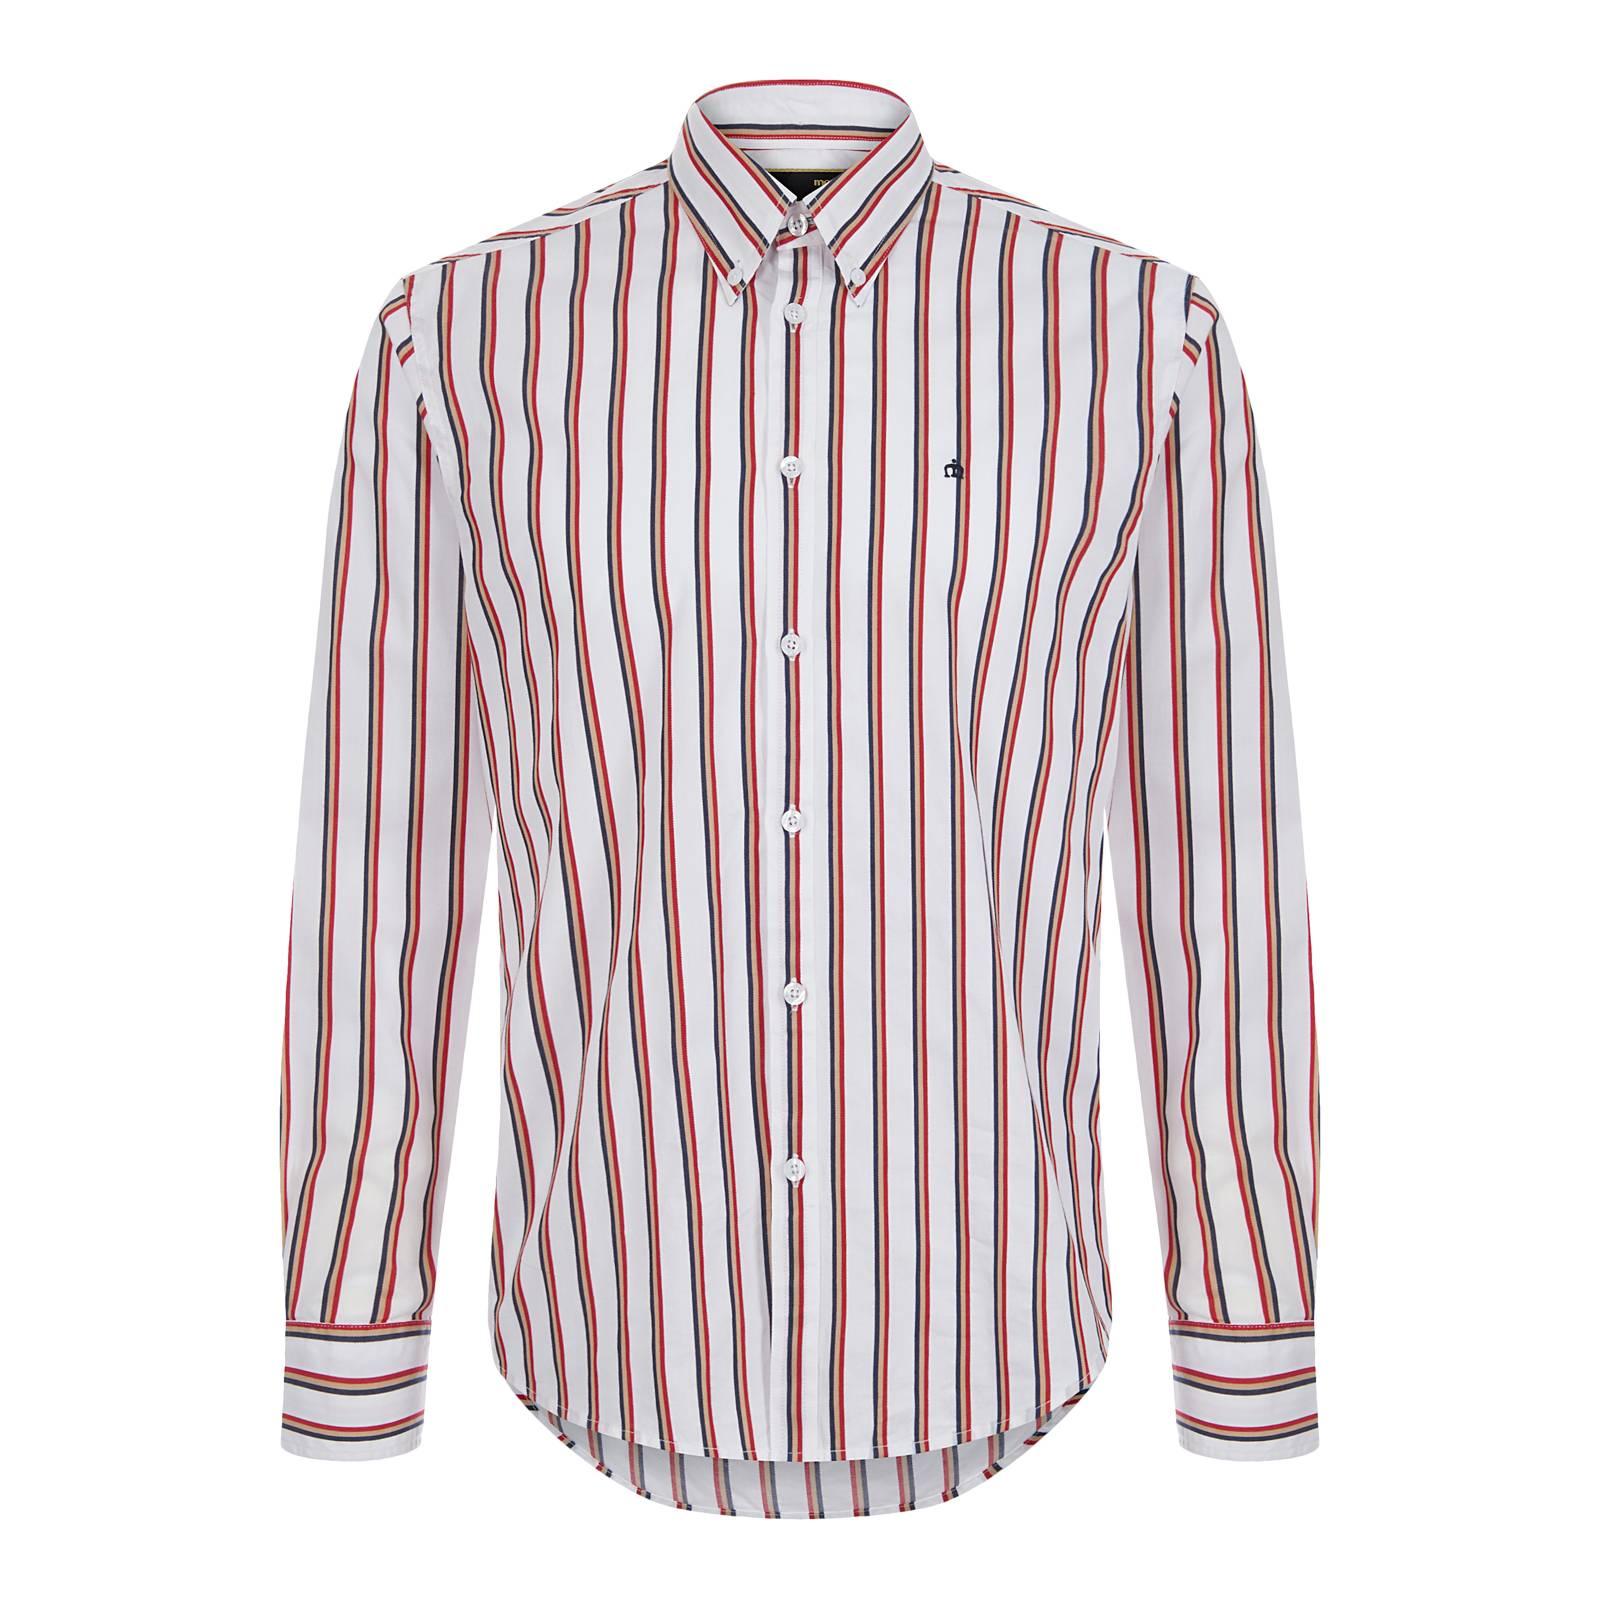 Рубашка ElstedButton Down<br>Долгожданное возвращение в линейку бренда рубашек в полоску ознаменовано этой превосходной button-down моделью приталенного покроя, пошитой из высококачественной хлопкового материала, – легкой и в то же время прочной, приятной на ощупь и долговечной ткани. Красивый трехцветный ретро узор подчеркивает связь этой сорочки со стилем британских модернистов эпохи Swinging Sixties. Полоска снова в тренде, набирая популярность от сезона к сезону. Данная модель является одновременно парадной и классической: она удачно впишется в деловой smart casual дресс-код вместе с костюмом, кэжуальным блейзером, базовым пуловером или классическим кардиганом на пуговицах и в то же время отличного подойдет для яркого клубного образа. Приверженцы исконного стиля, несомненно, оценят её сочетание с фиштейл паркой, Харрингтоном и обувью челси. Фирменная идентичность выражена культовым лейблом Корона, вышитым на груди.<br><br>Артикул: 1517103<br>Материал: 100% хлопок<br>Цвет: белый в трехцветную полоску<br>Пол: Мужской